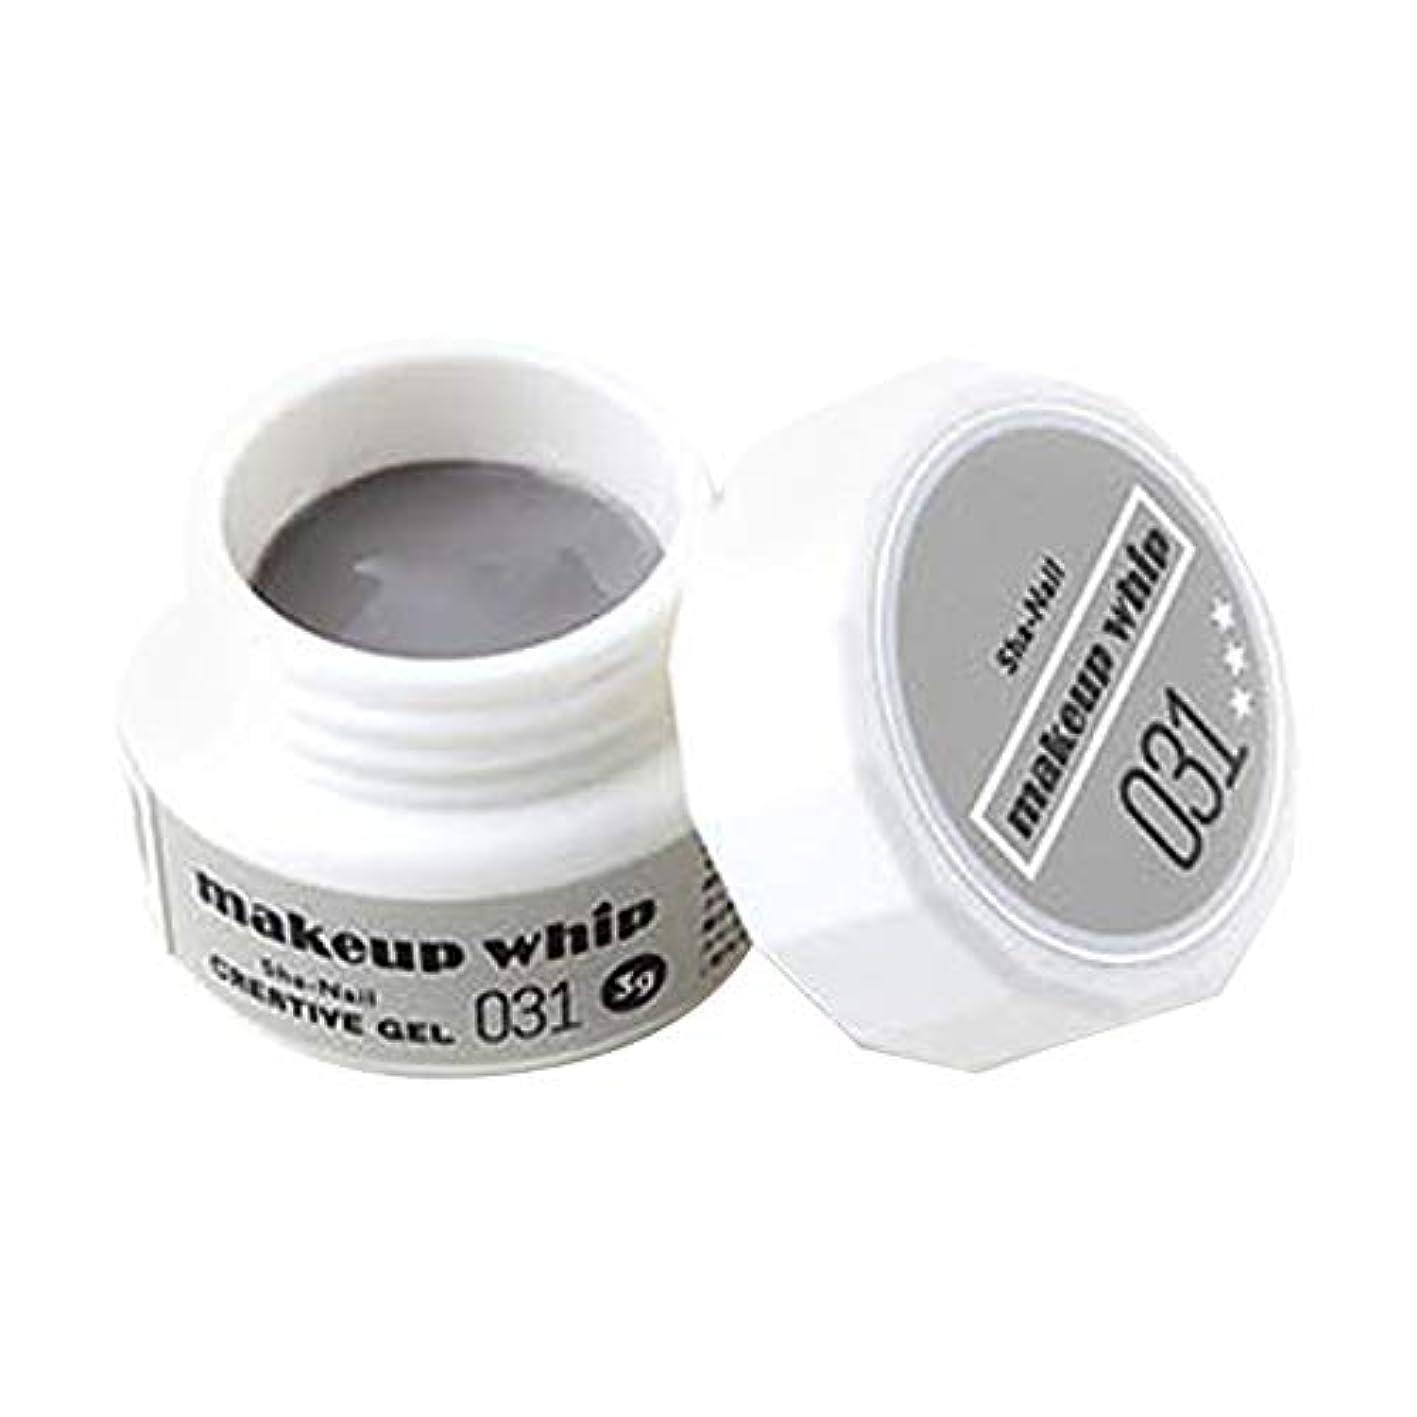 海軍変換冷ややかなSha-Nail Creative Gel メイクアップホイップカラー 031 マット 3g UV/LED対応